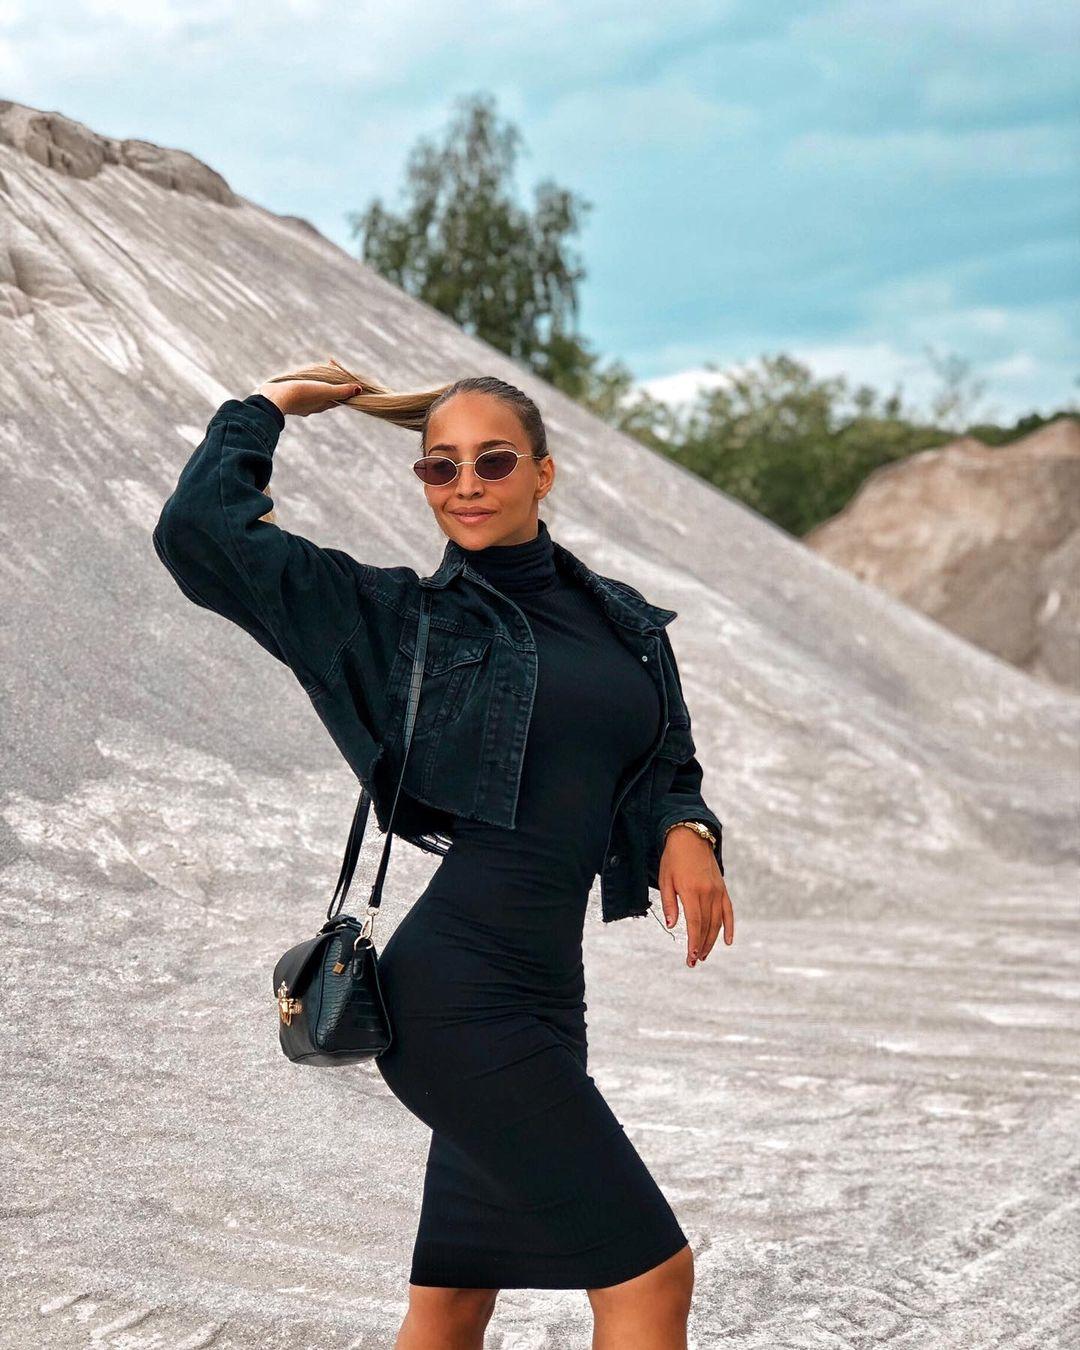 Marija-Ignjatovic-Wallpapers-Insta-Fit-Bio-11